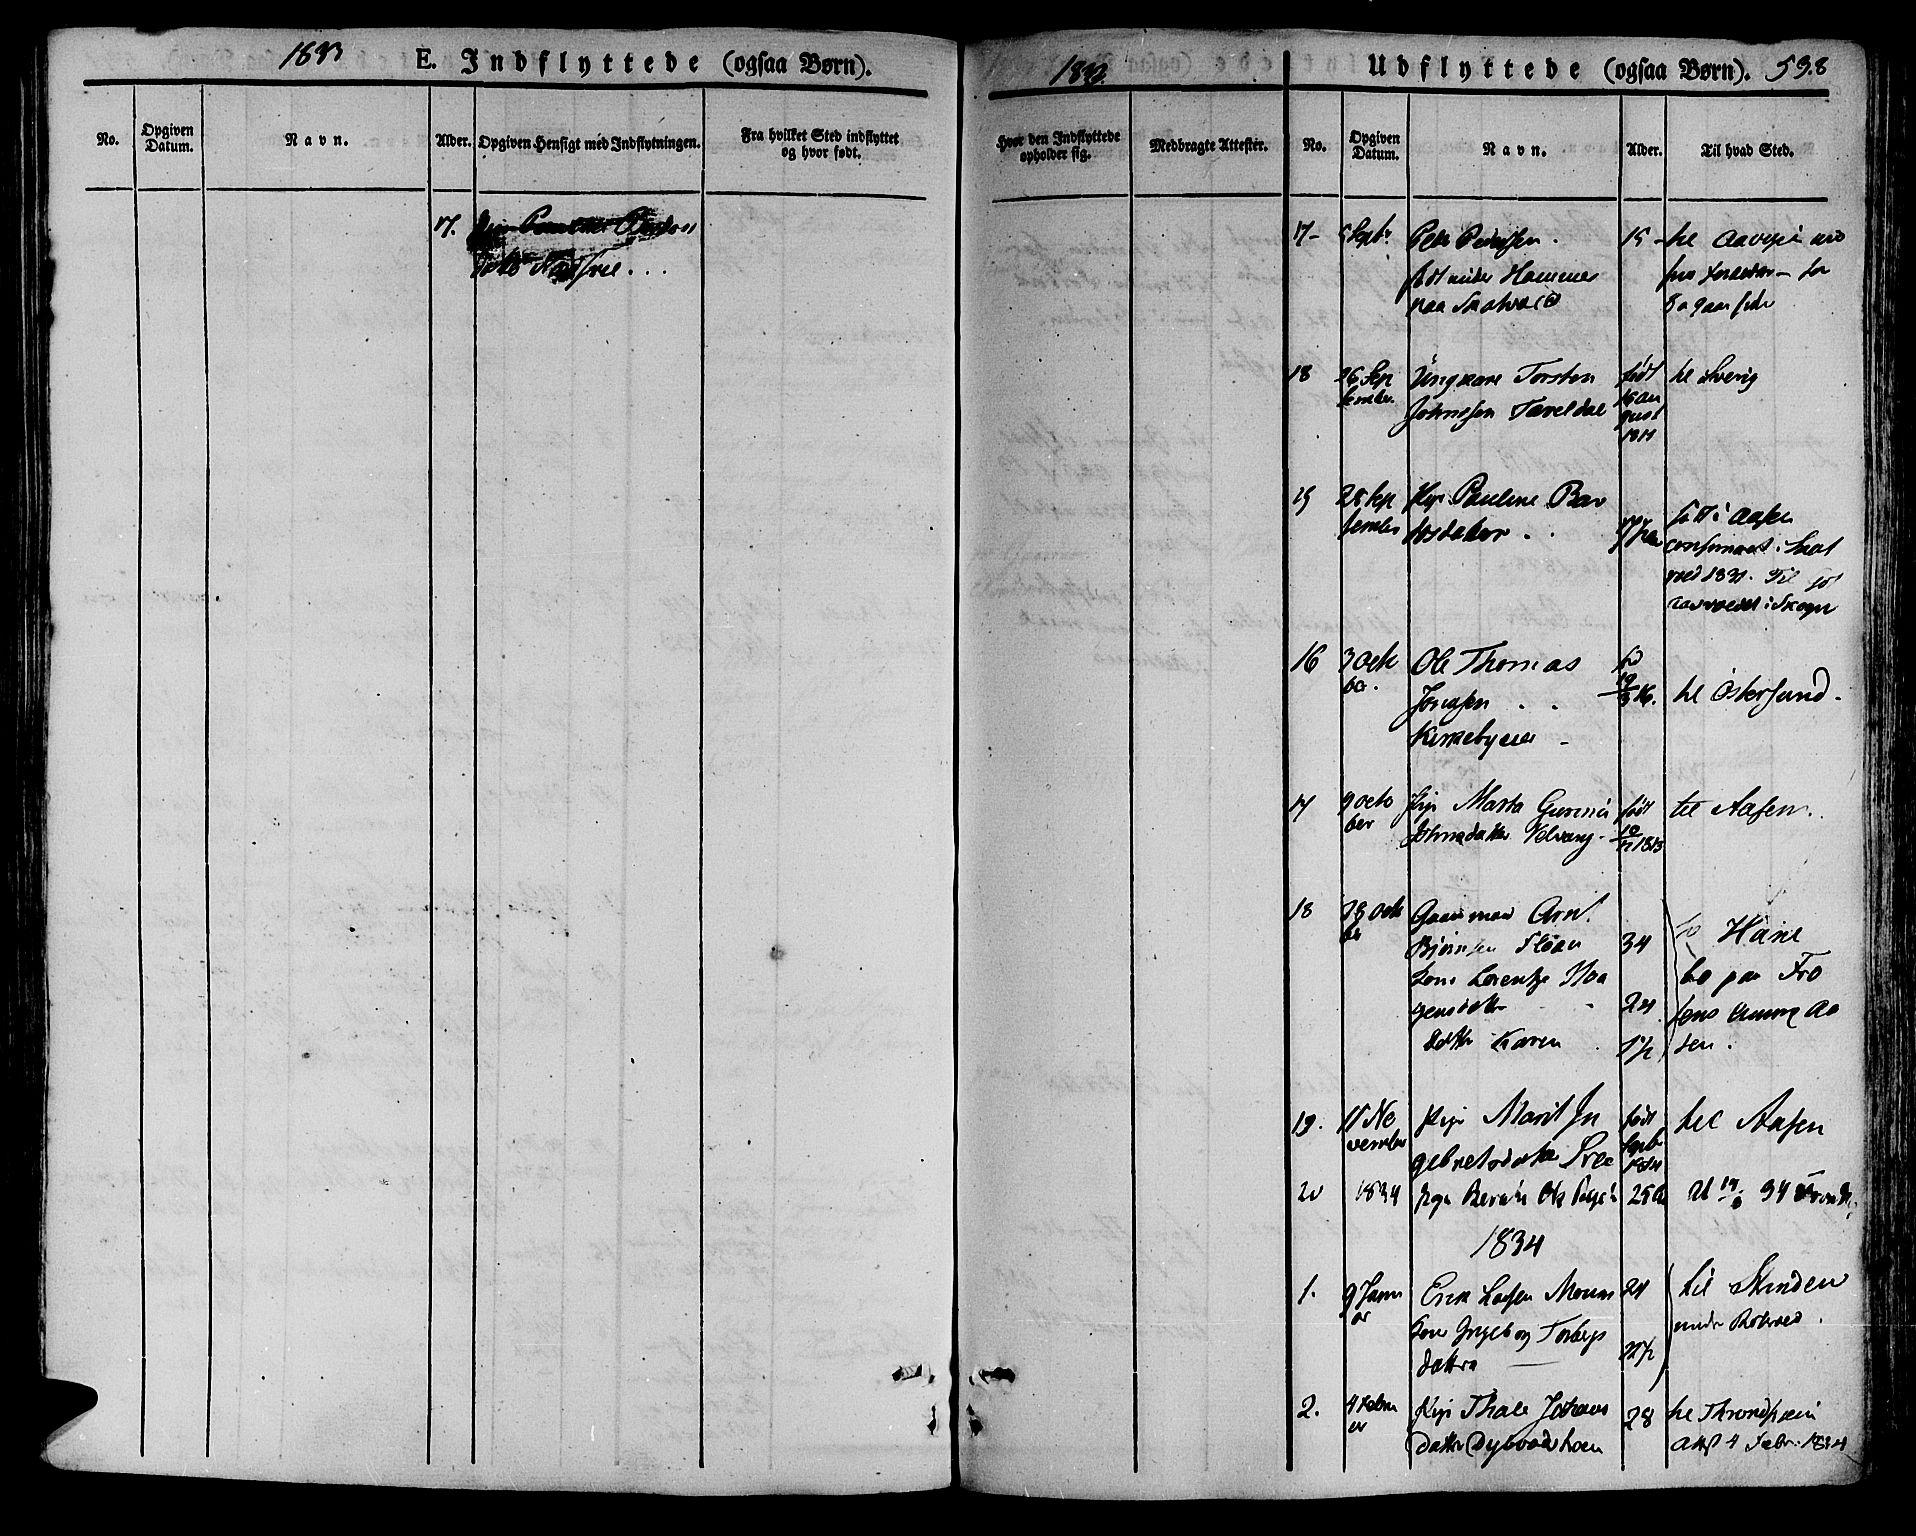 SAT, Ministerialprotokoller, klokkerbøker og fødselsregistre - Nord-Trøndelag, 709/L0072: Ministerialbok nr. 709A12, 1833-1844, s. 538